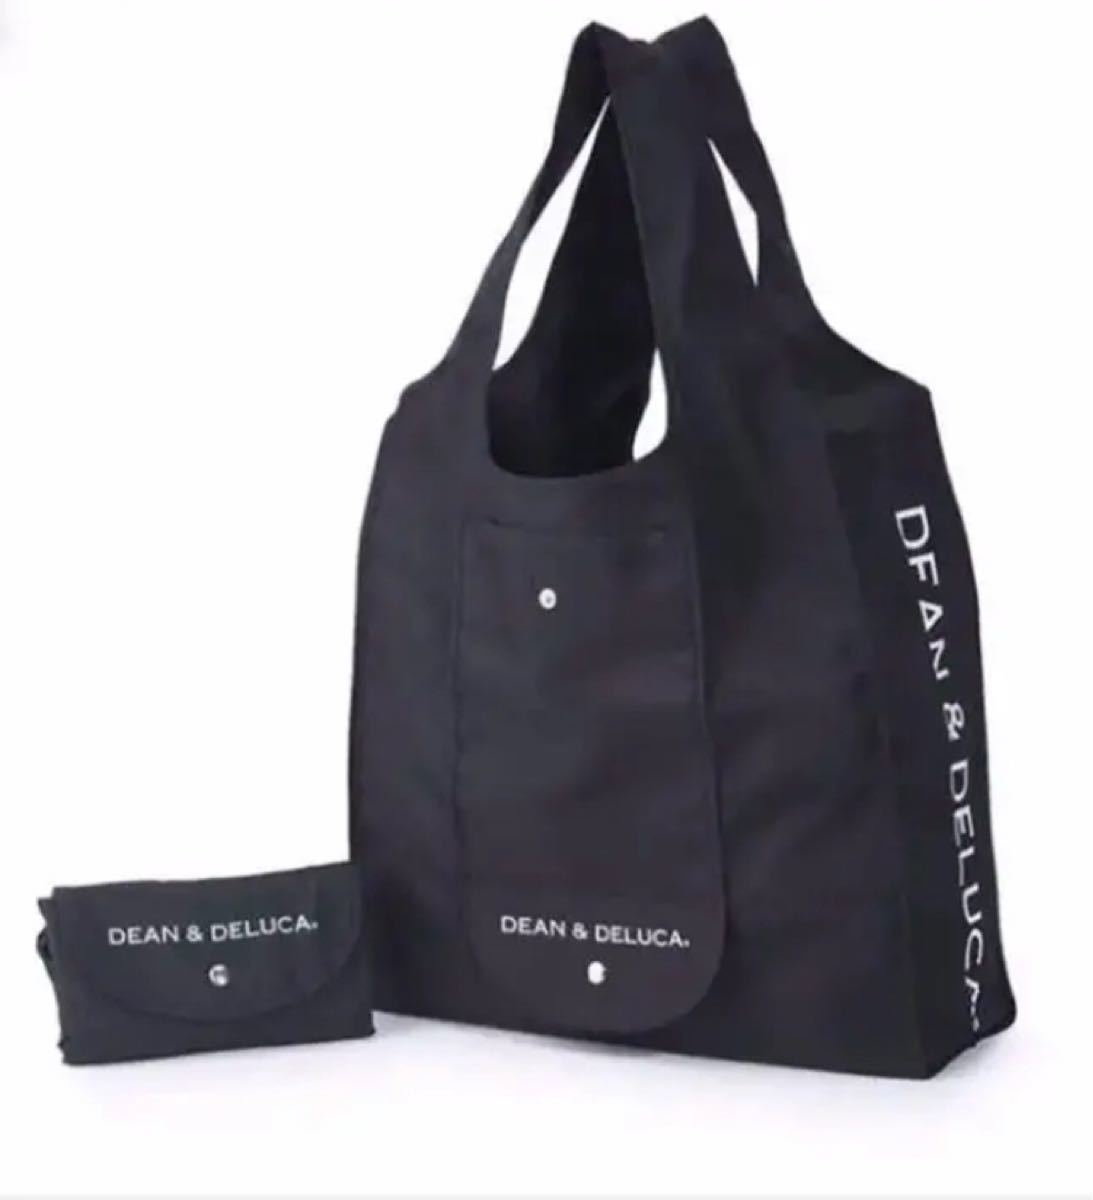 DEAN&DELUCA ショッピングバッグ エコバッグ ディーンアンドデルーカ 黒 ディーン&デルーカ ブラック トートバッグ